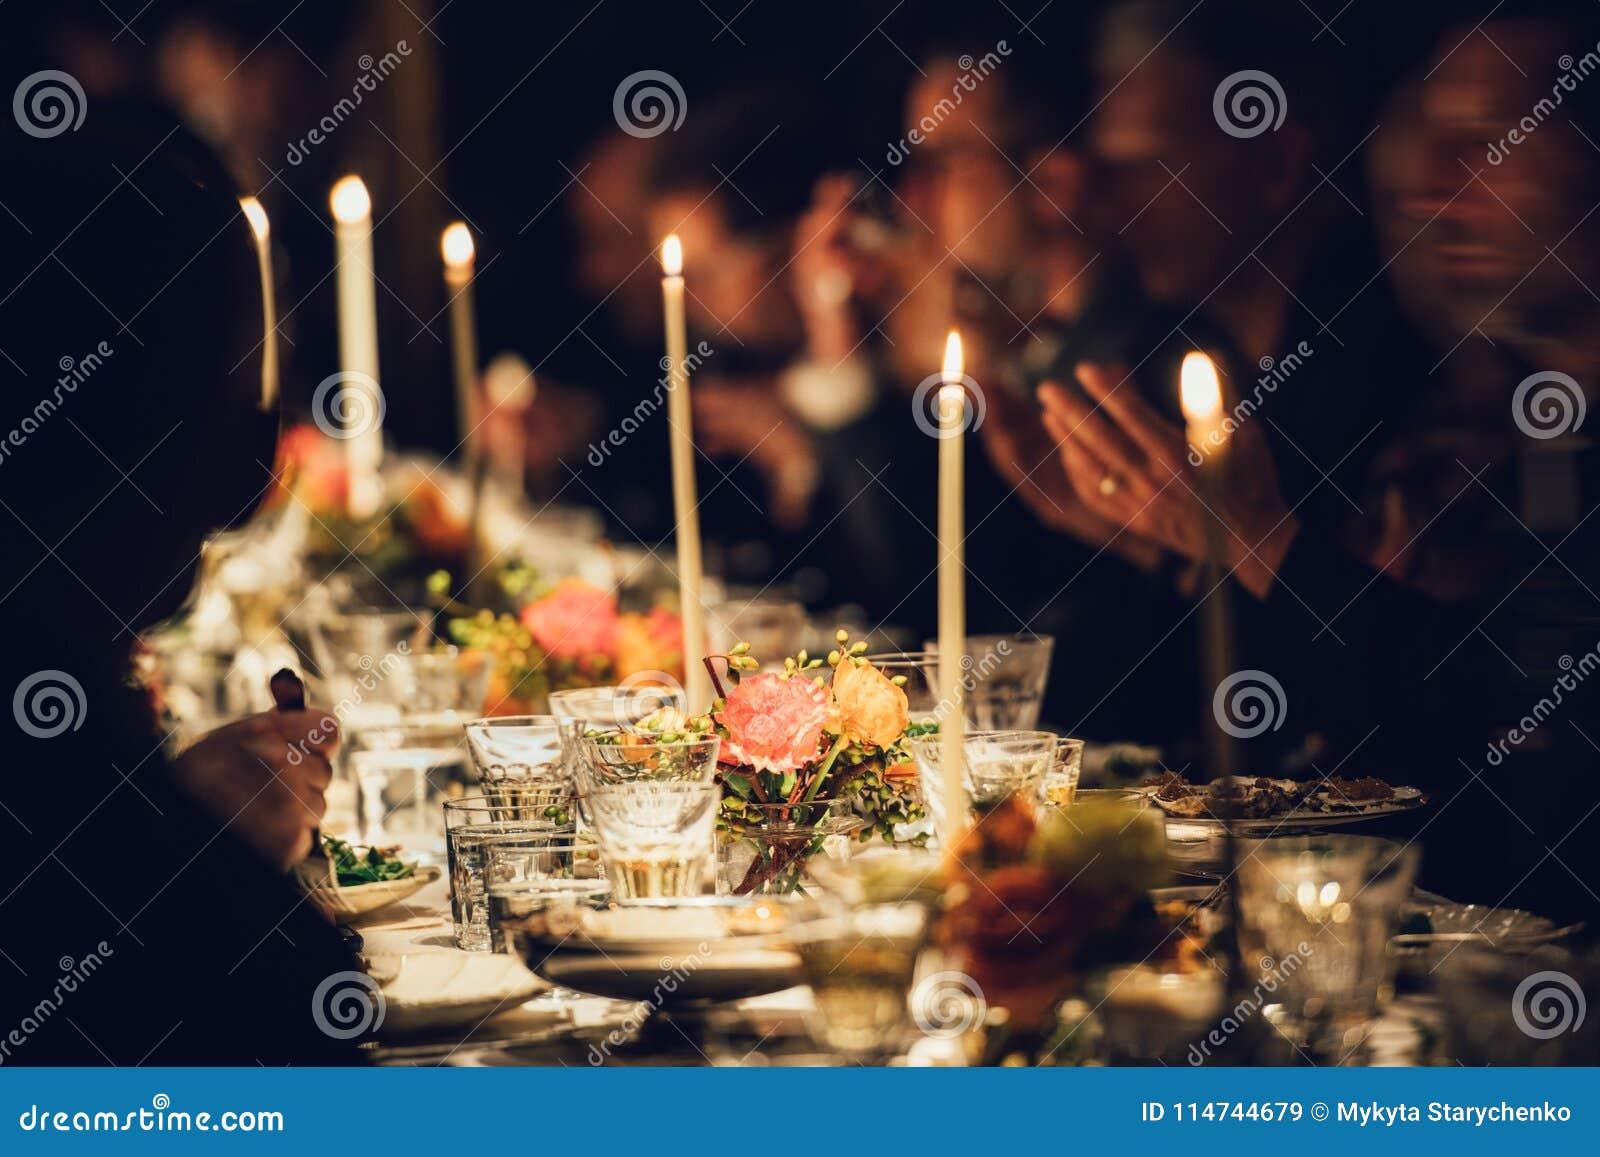 Folket tycker om en familjmatställe med stearinljus Stor tabell som tjänas som med mat och drycker